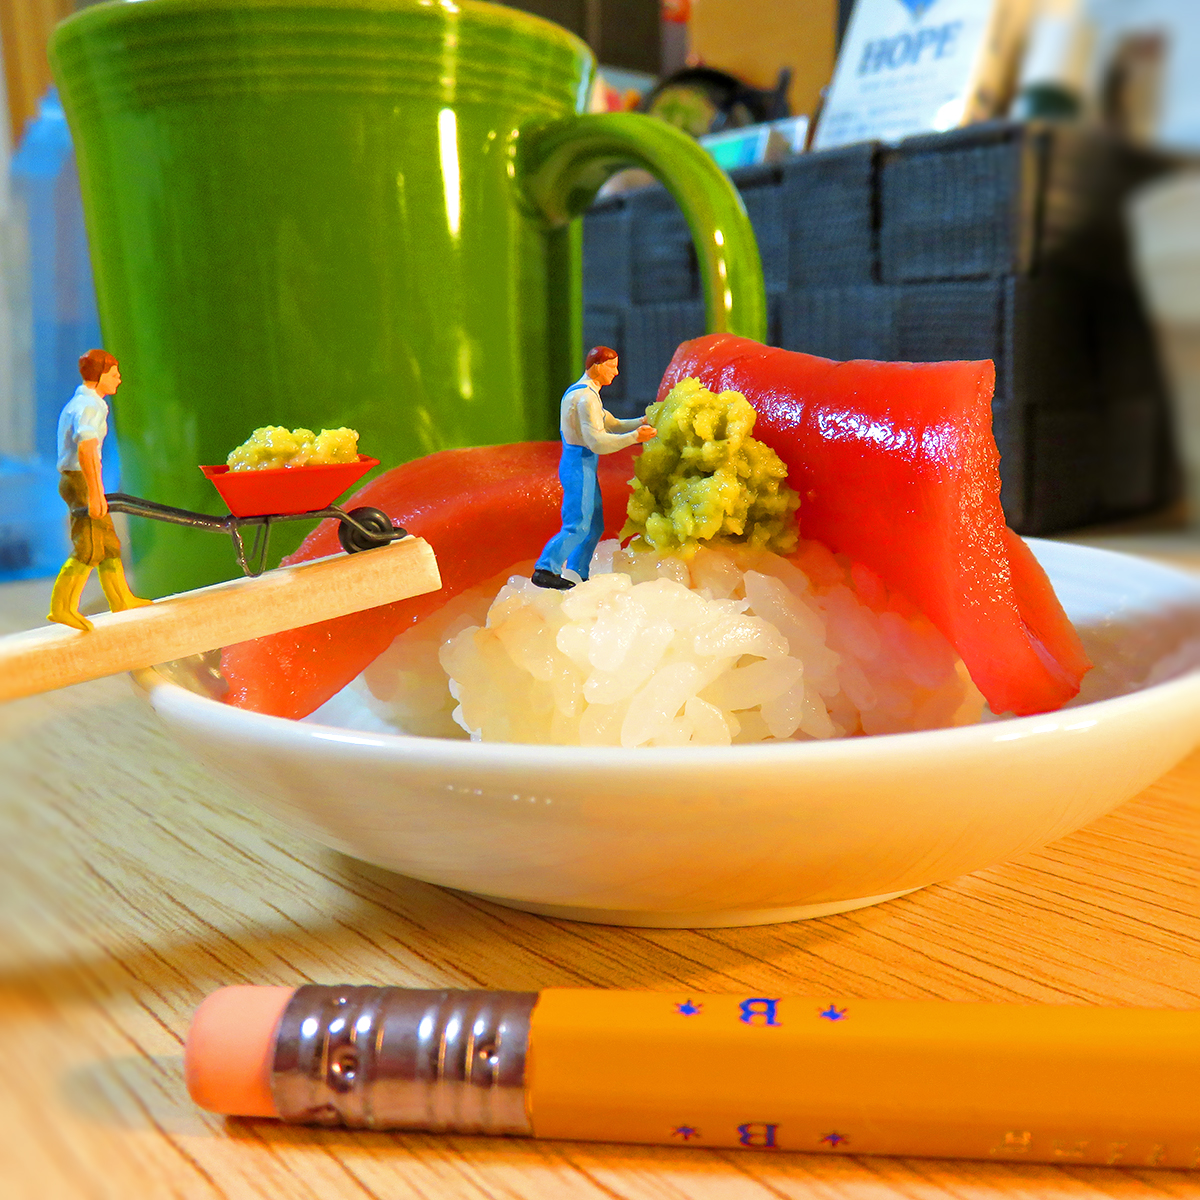 マグロ寿司に大量のワサビを盛る悪戯好きな作業員たち